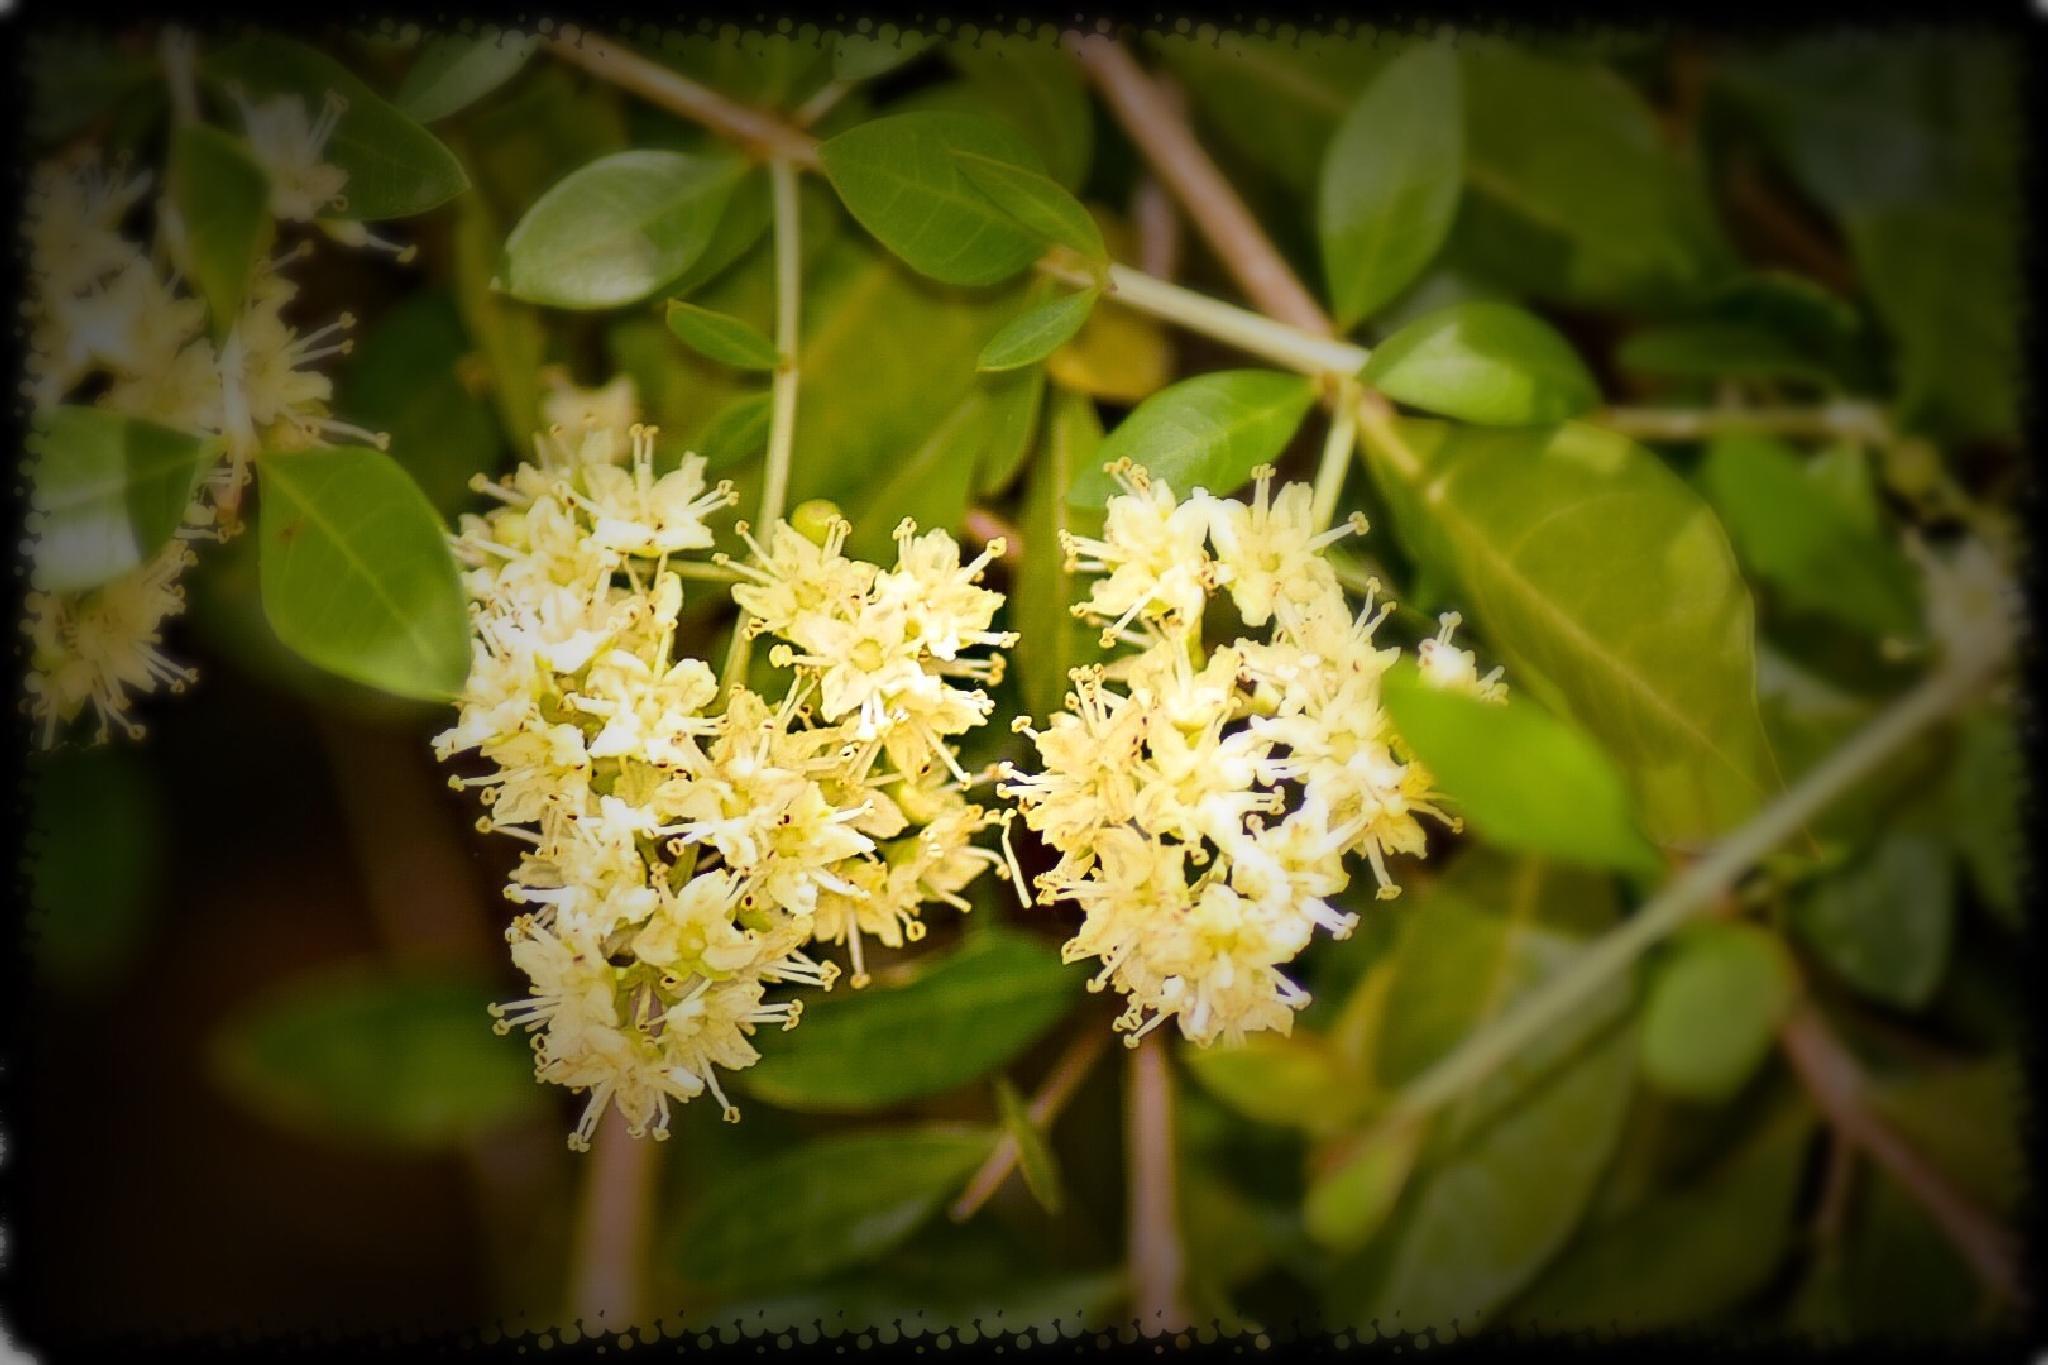 Flowers of Heena by Ravi